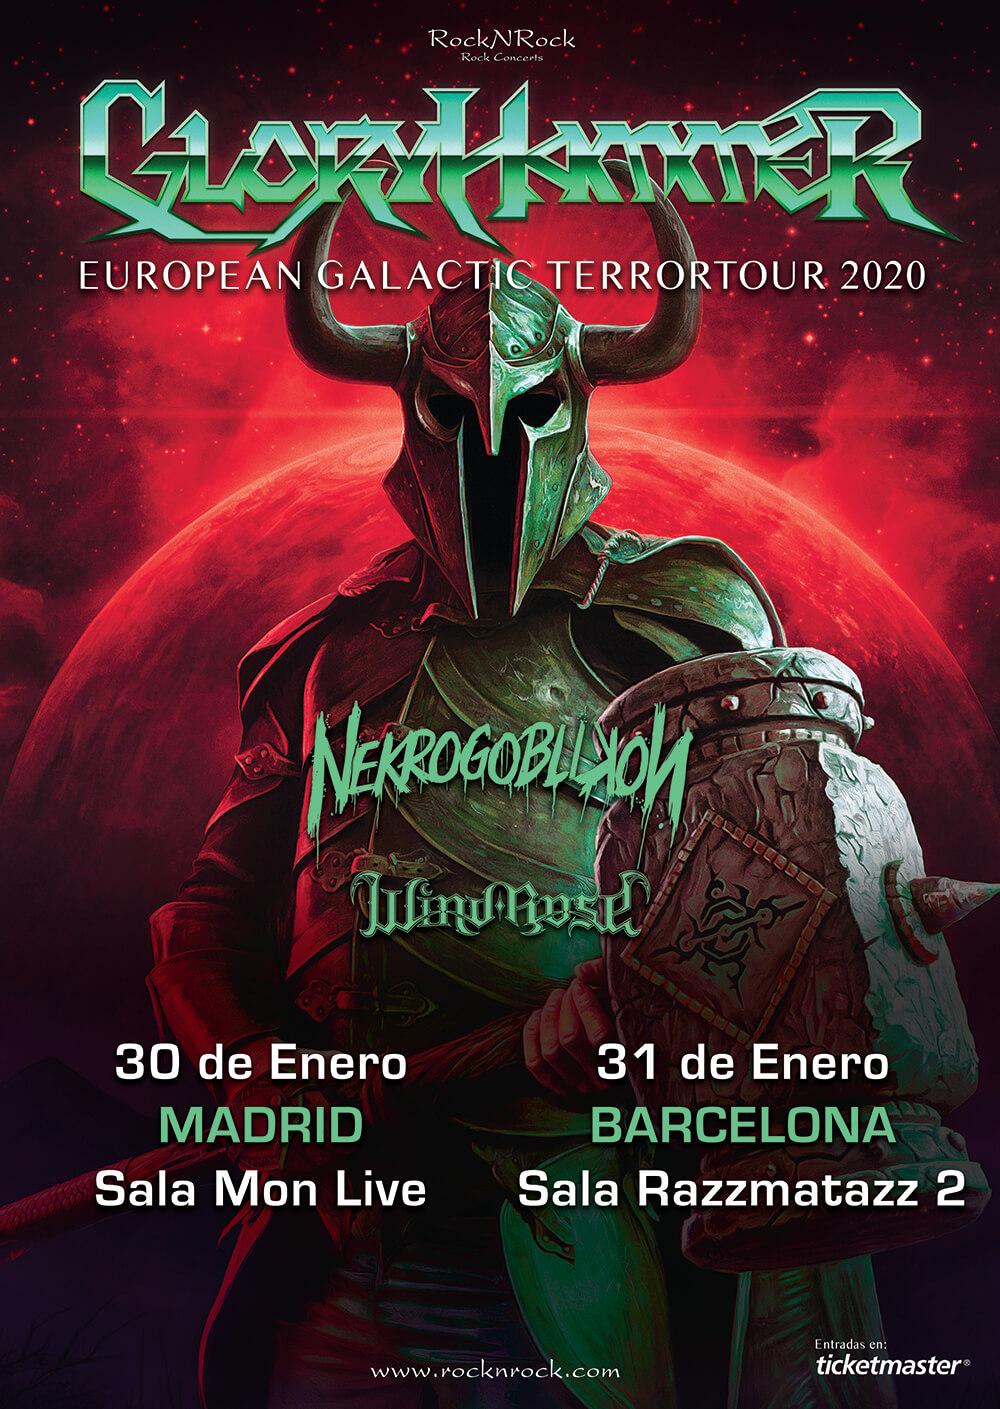 Agenda de giras, conciertos y festivales - Página 15 GloryHammer-2020-1000px